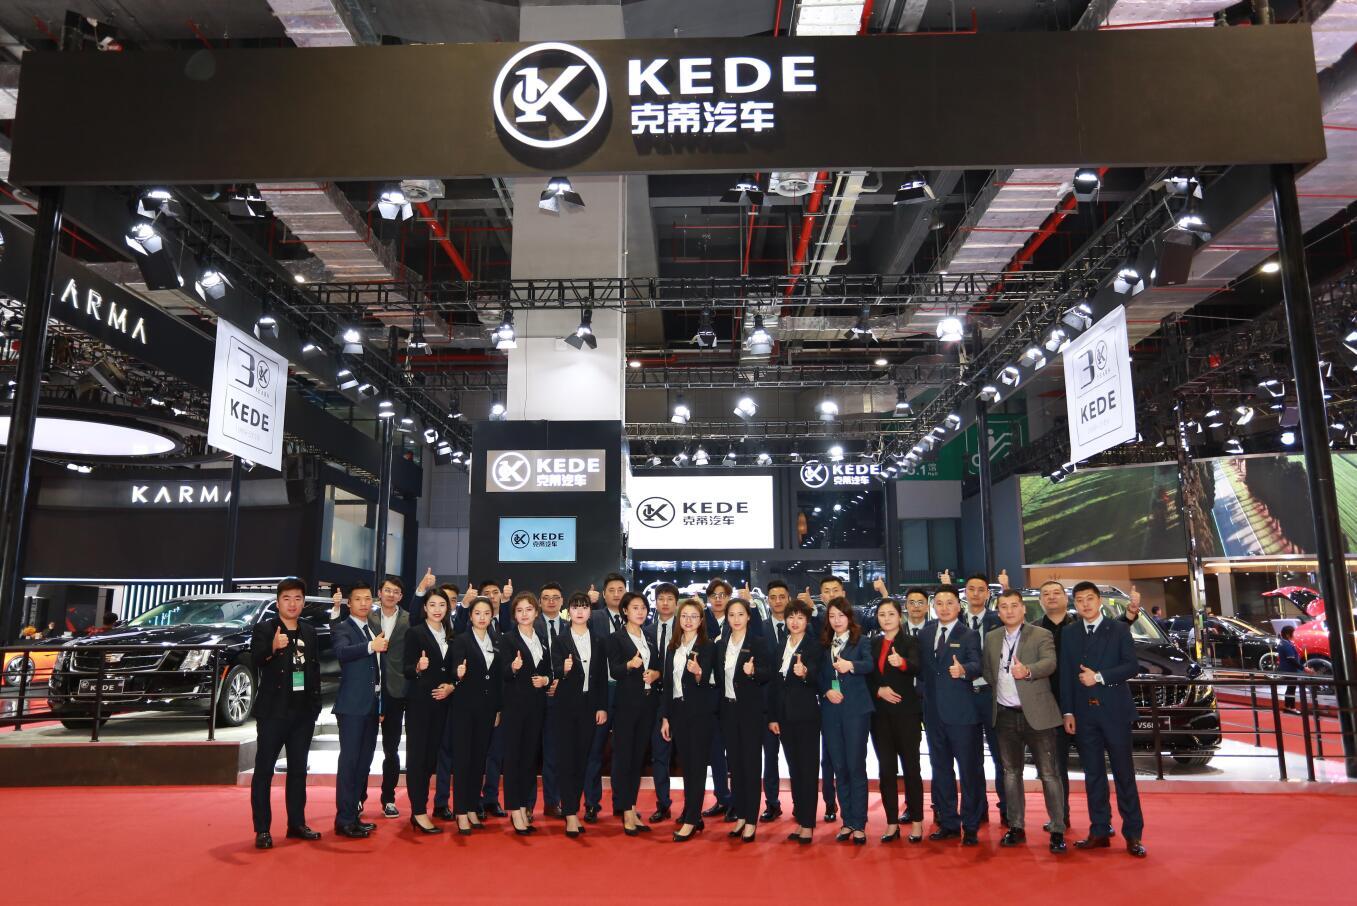 揭秘KEDE汽车,探班上海汽车展克蒂汽车展台